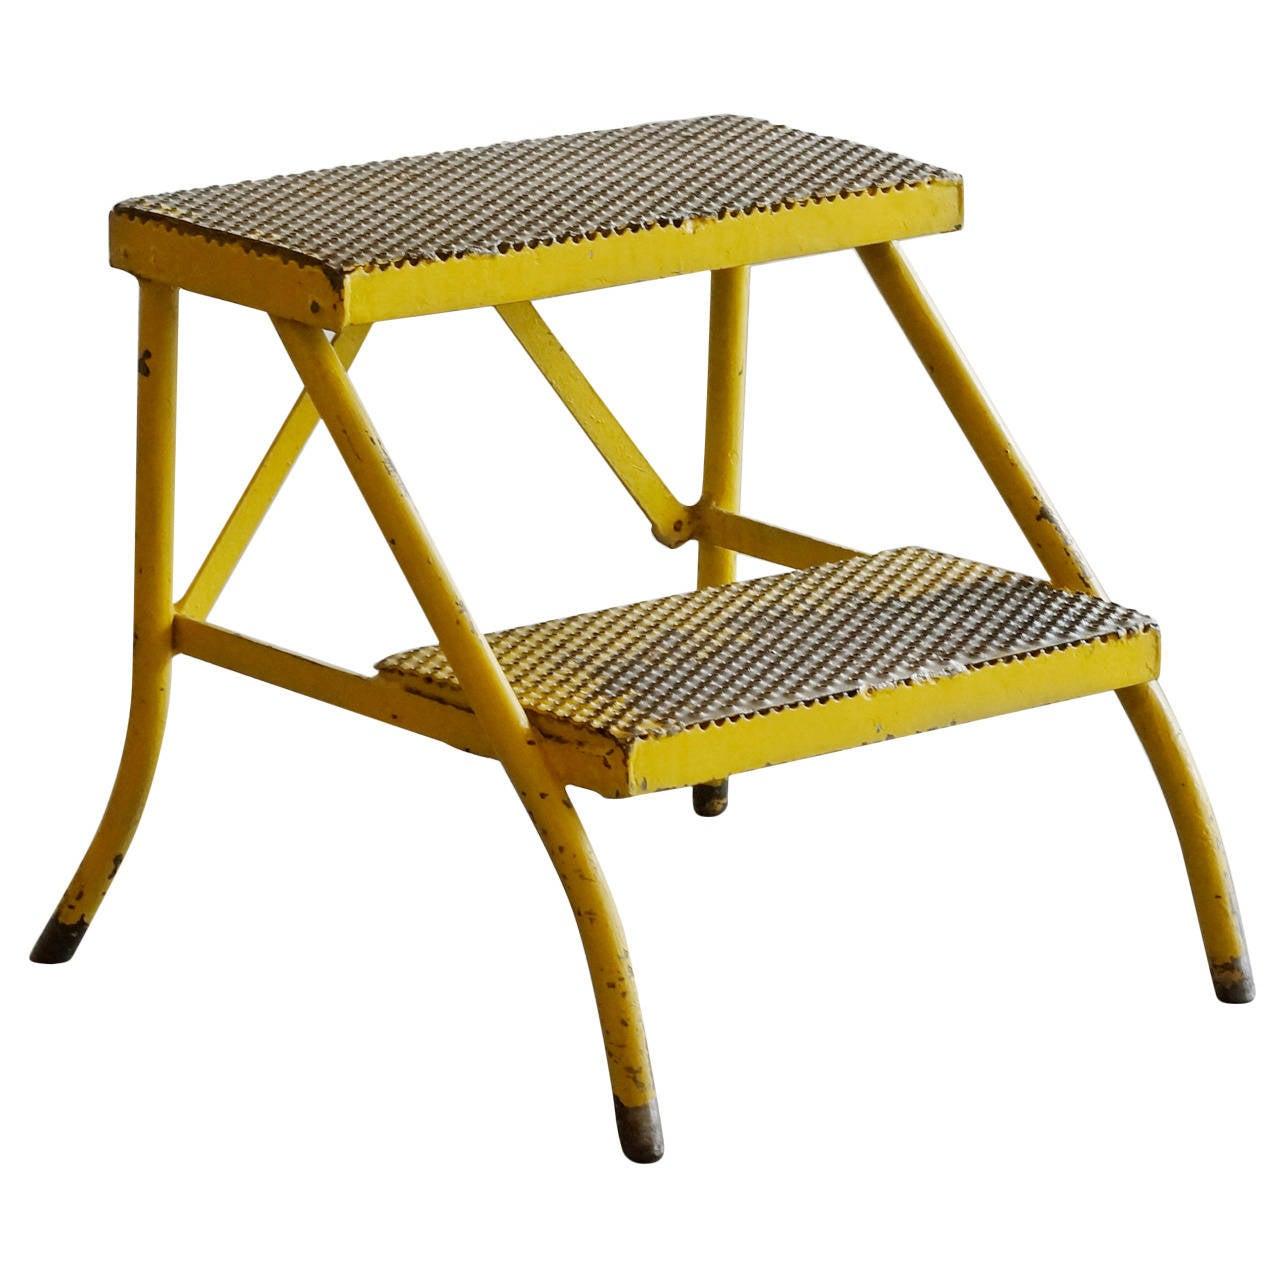 Vintage Industrial Step Stool Three Available At 1stdibs